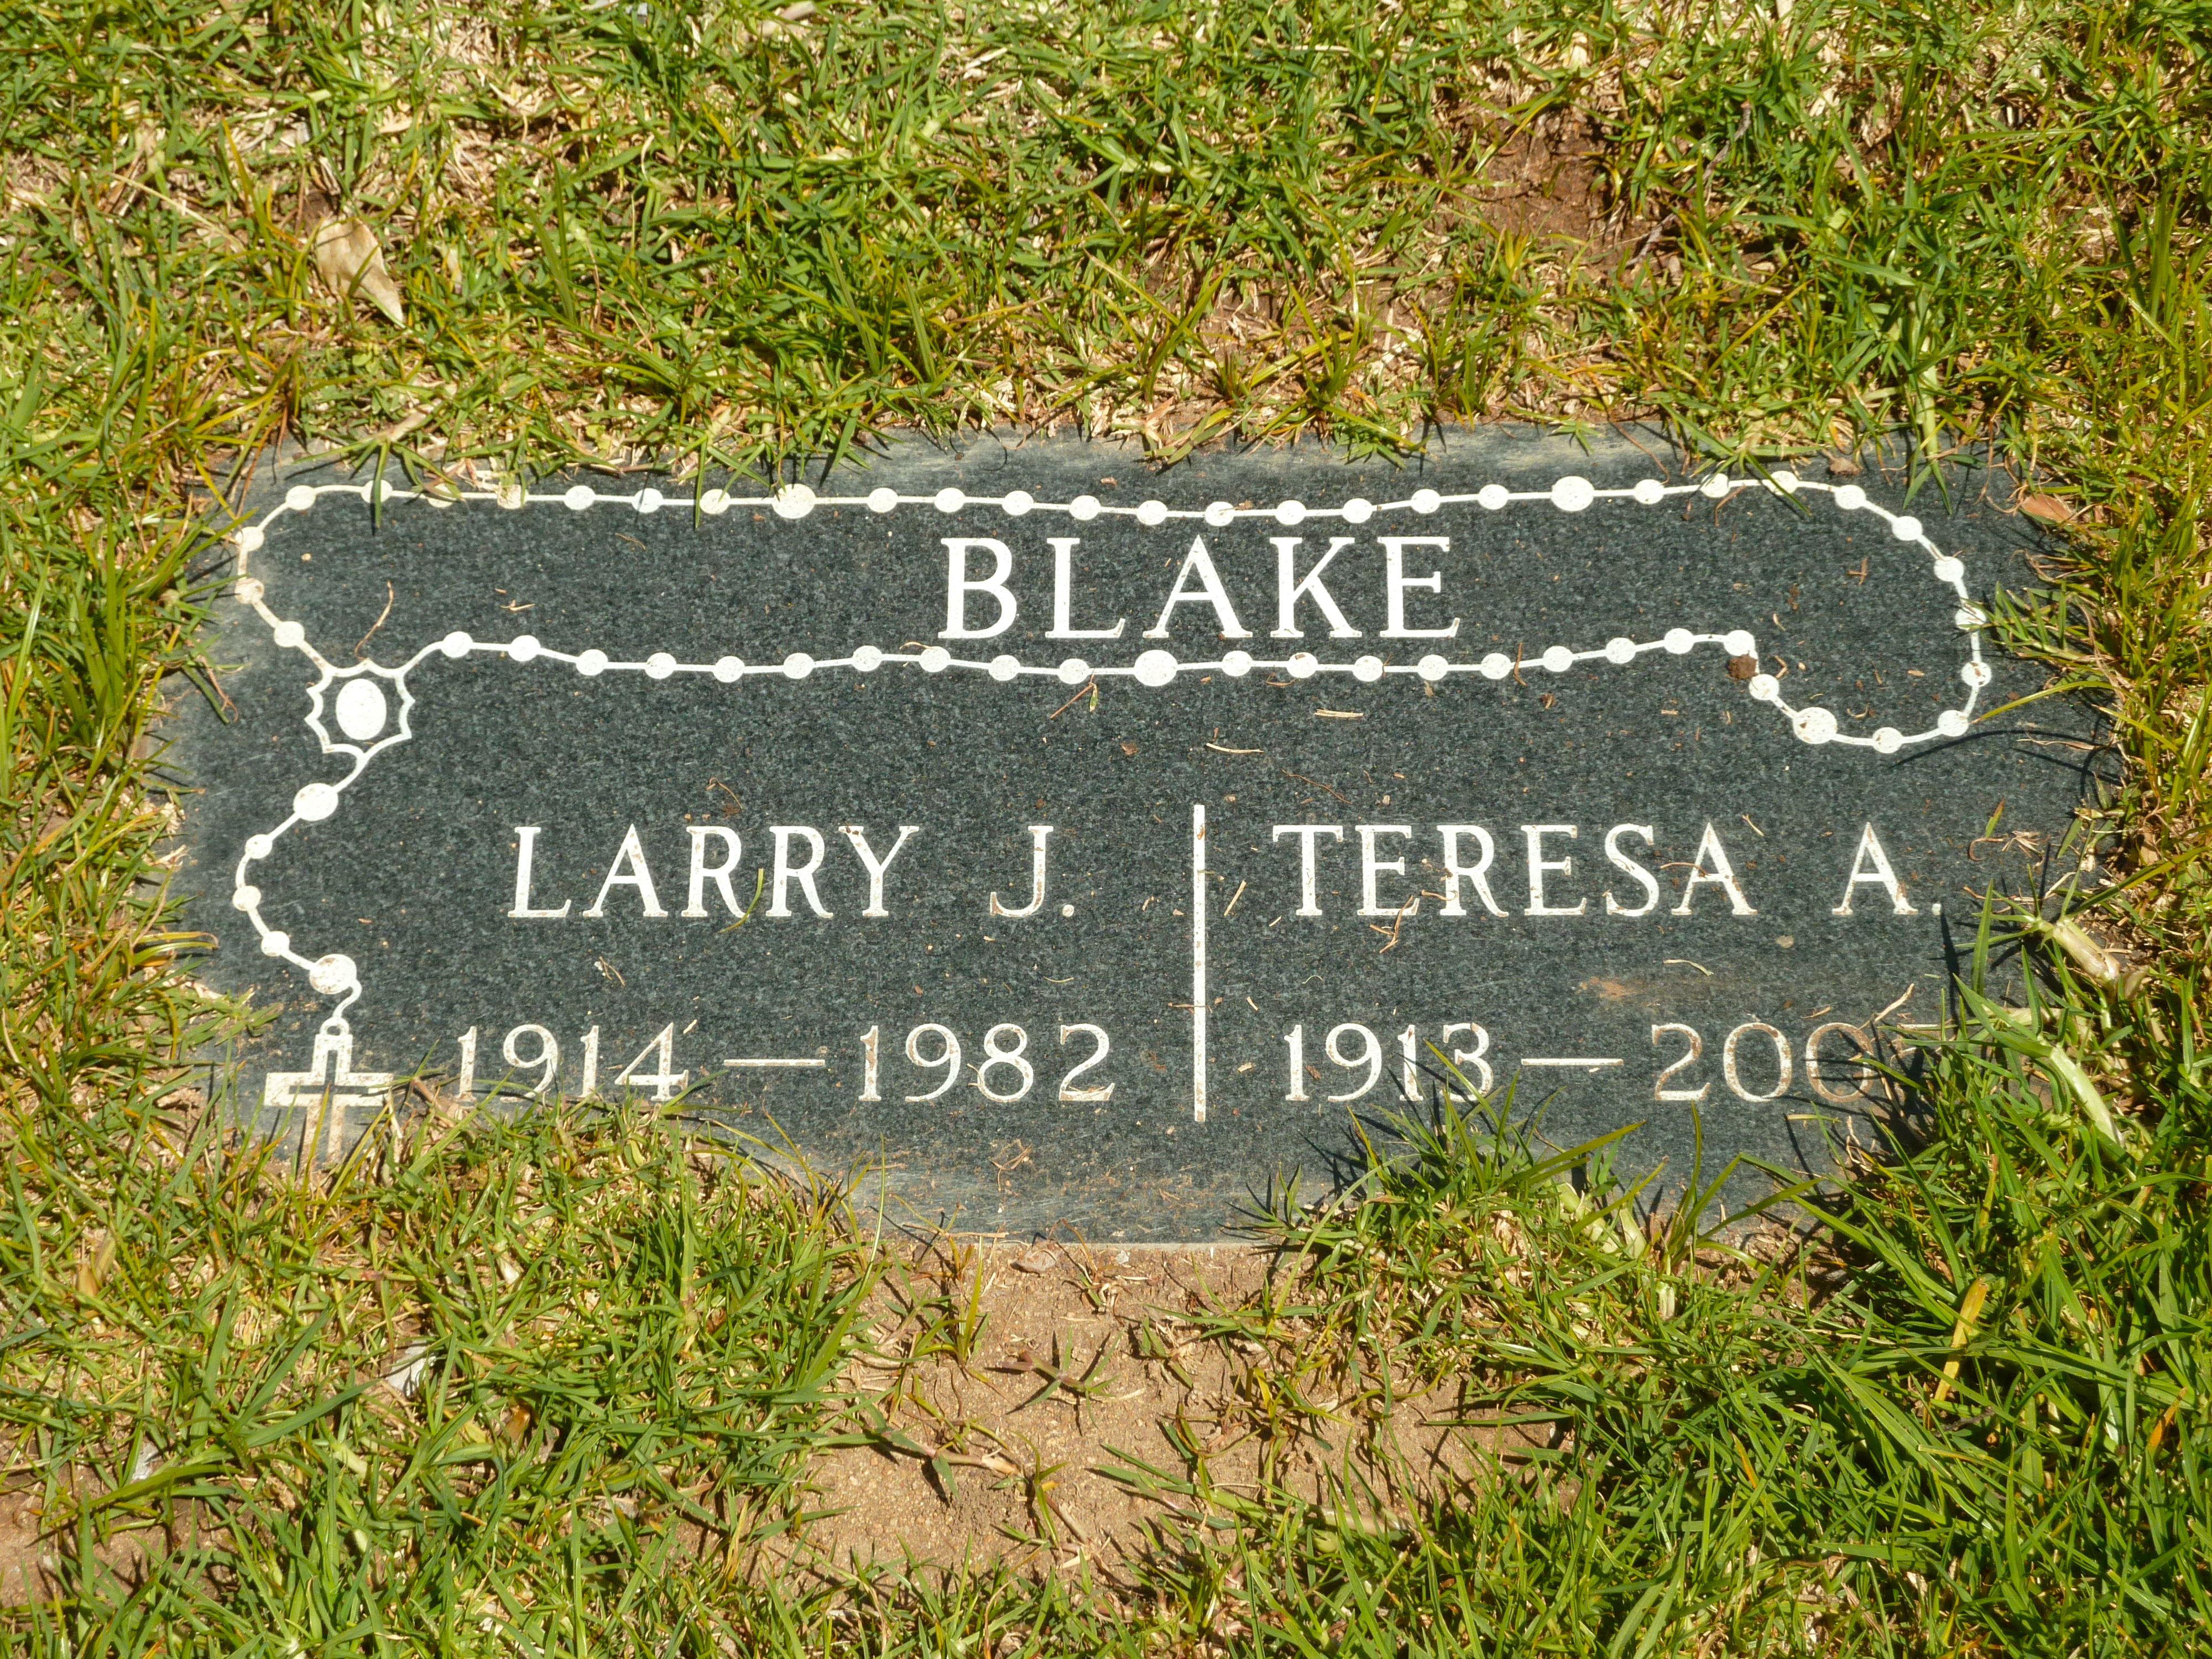 Larry J. Blake